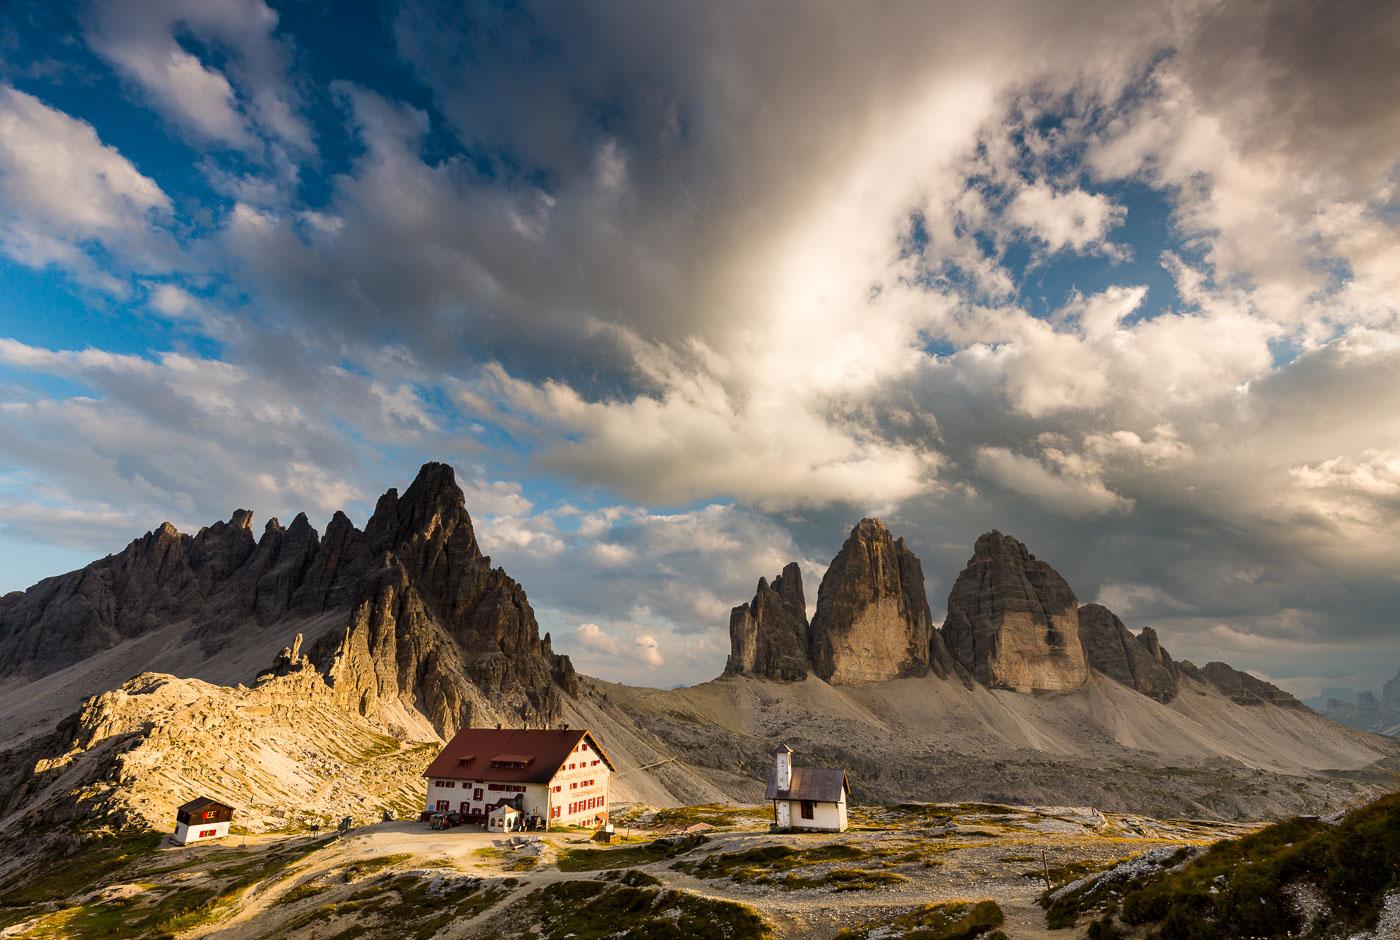 Bergfotografie fotoreis cursus Tre Cime